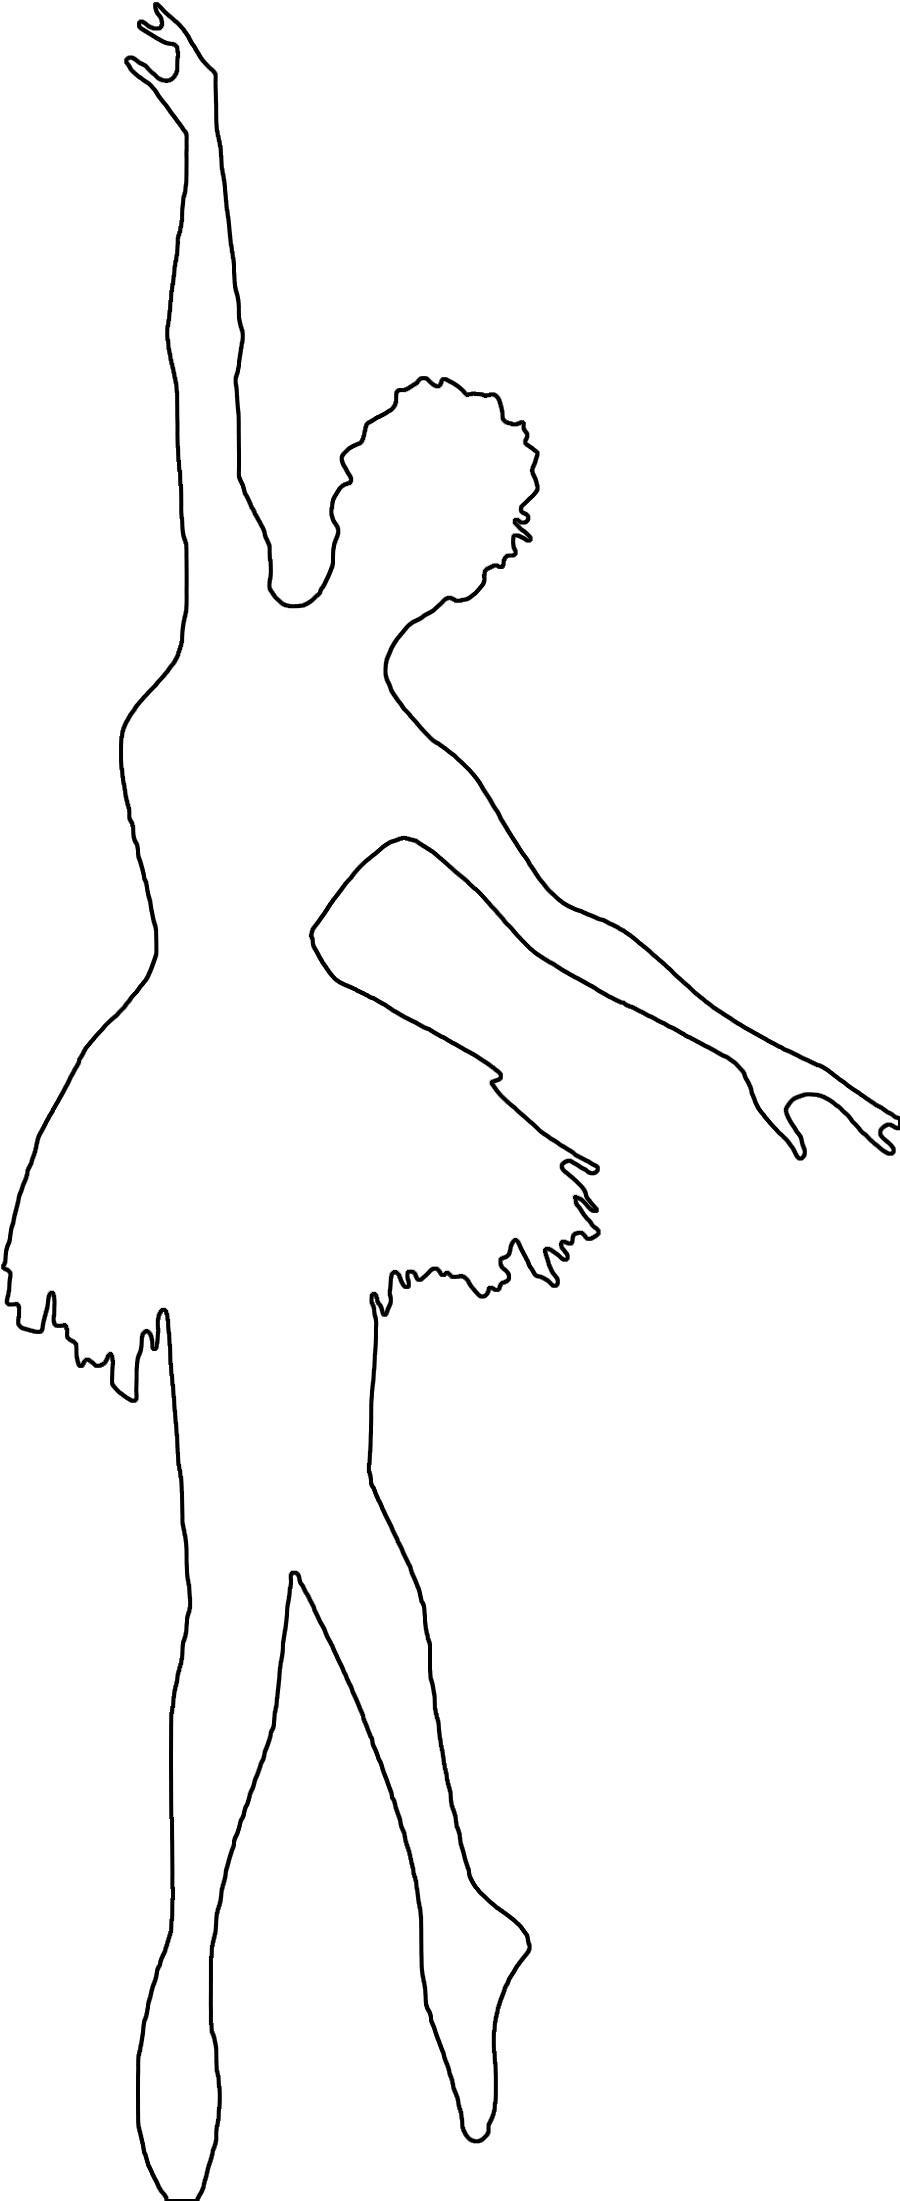 Розмальовки шаблони балерин балерина контур для вирізки з паперу, для дитячої творчості